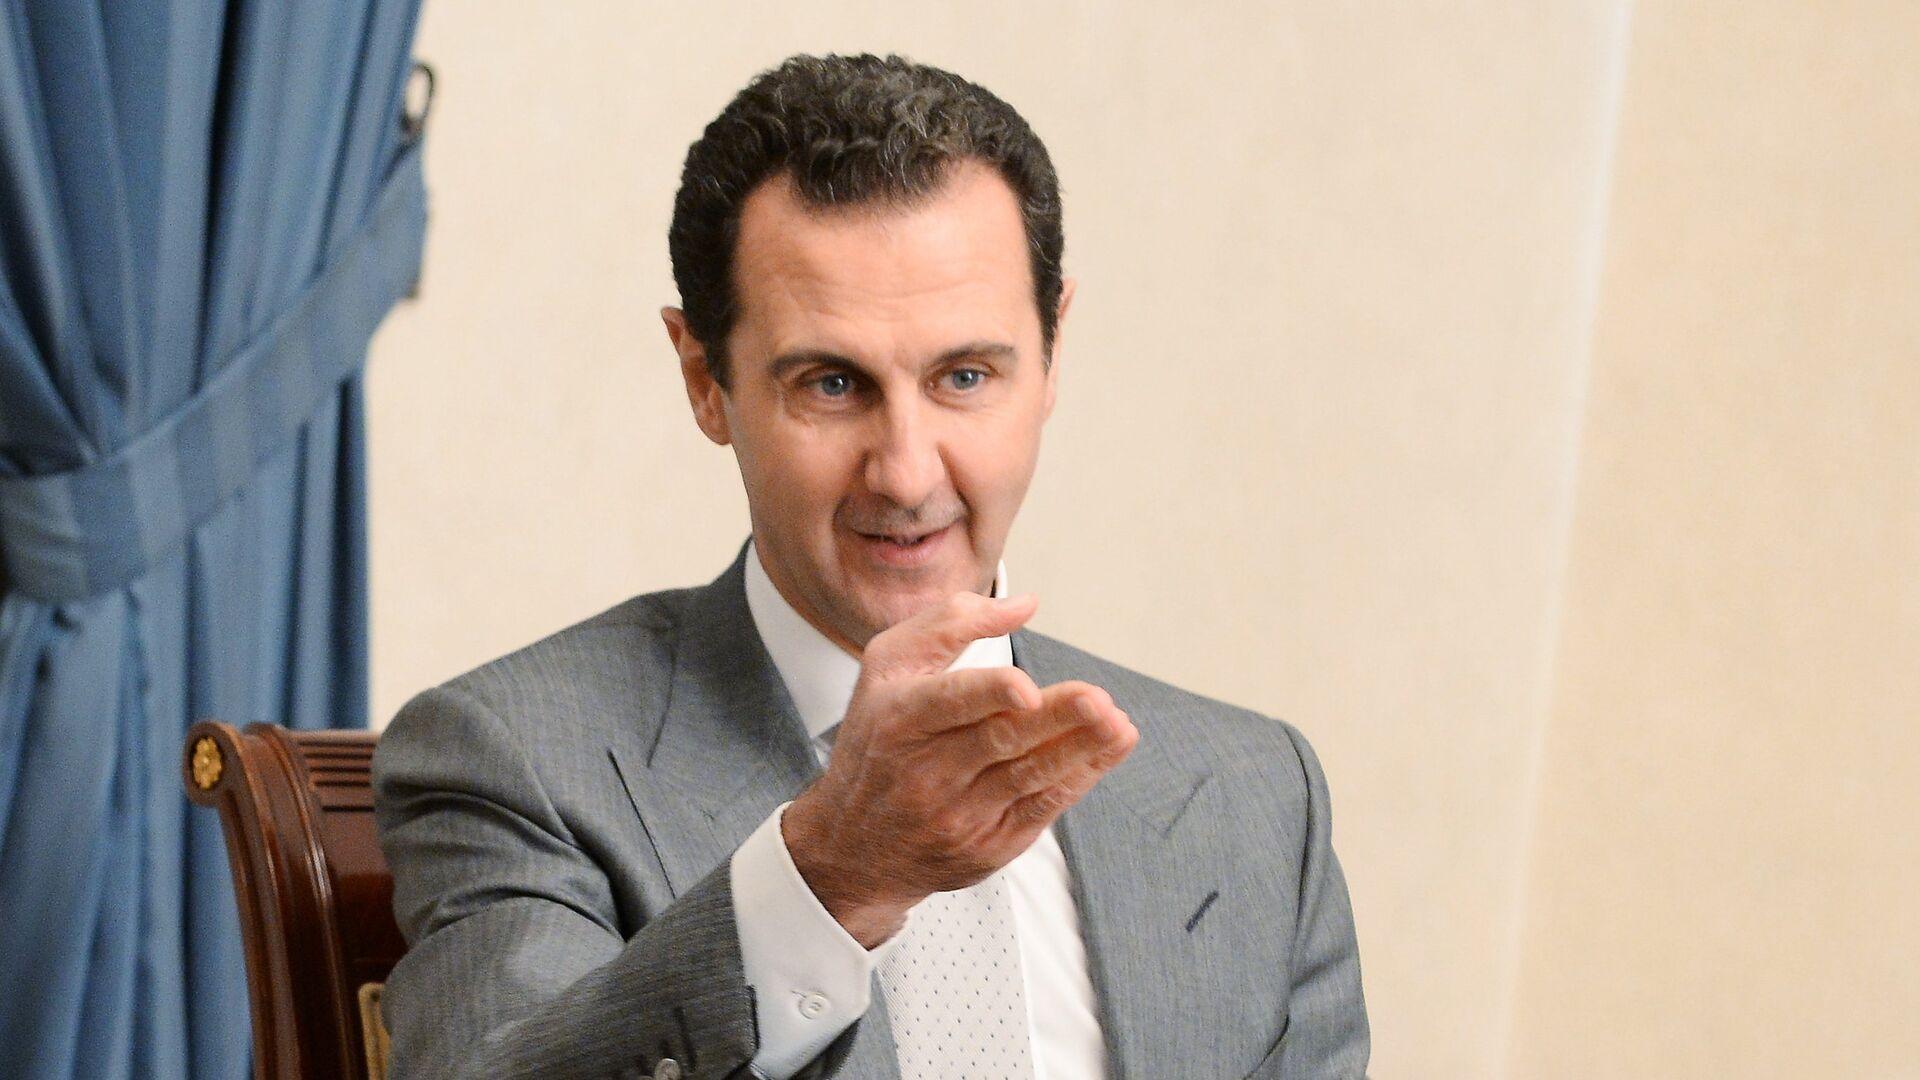 Президент Сирии Башар Асад во время встречи с заместителем председателя правительства РФ Дмитрием Рогозиным в Дамаске - РИА Новости, 1920, 06.10.2020